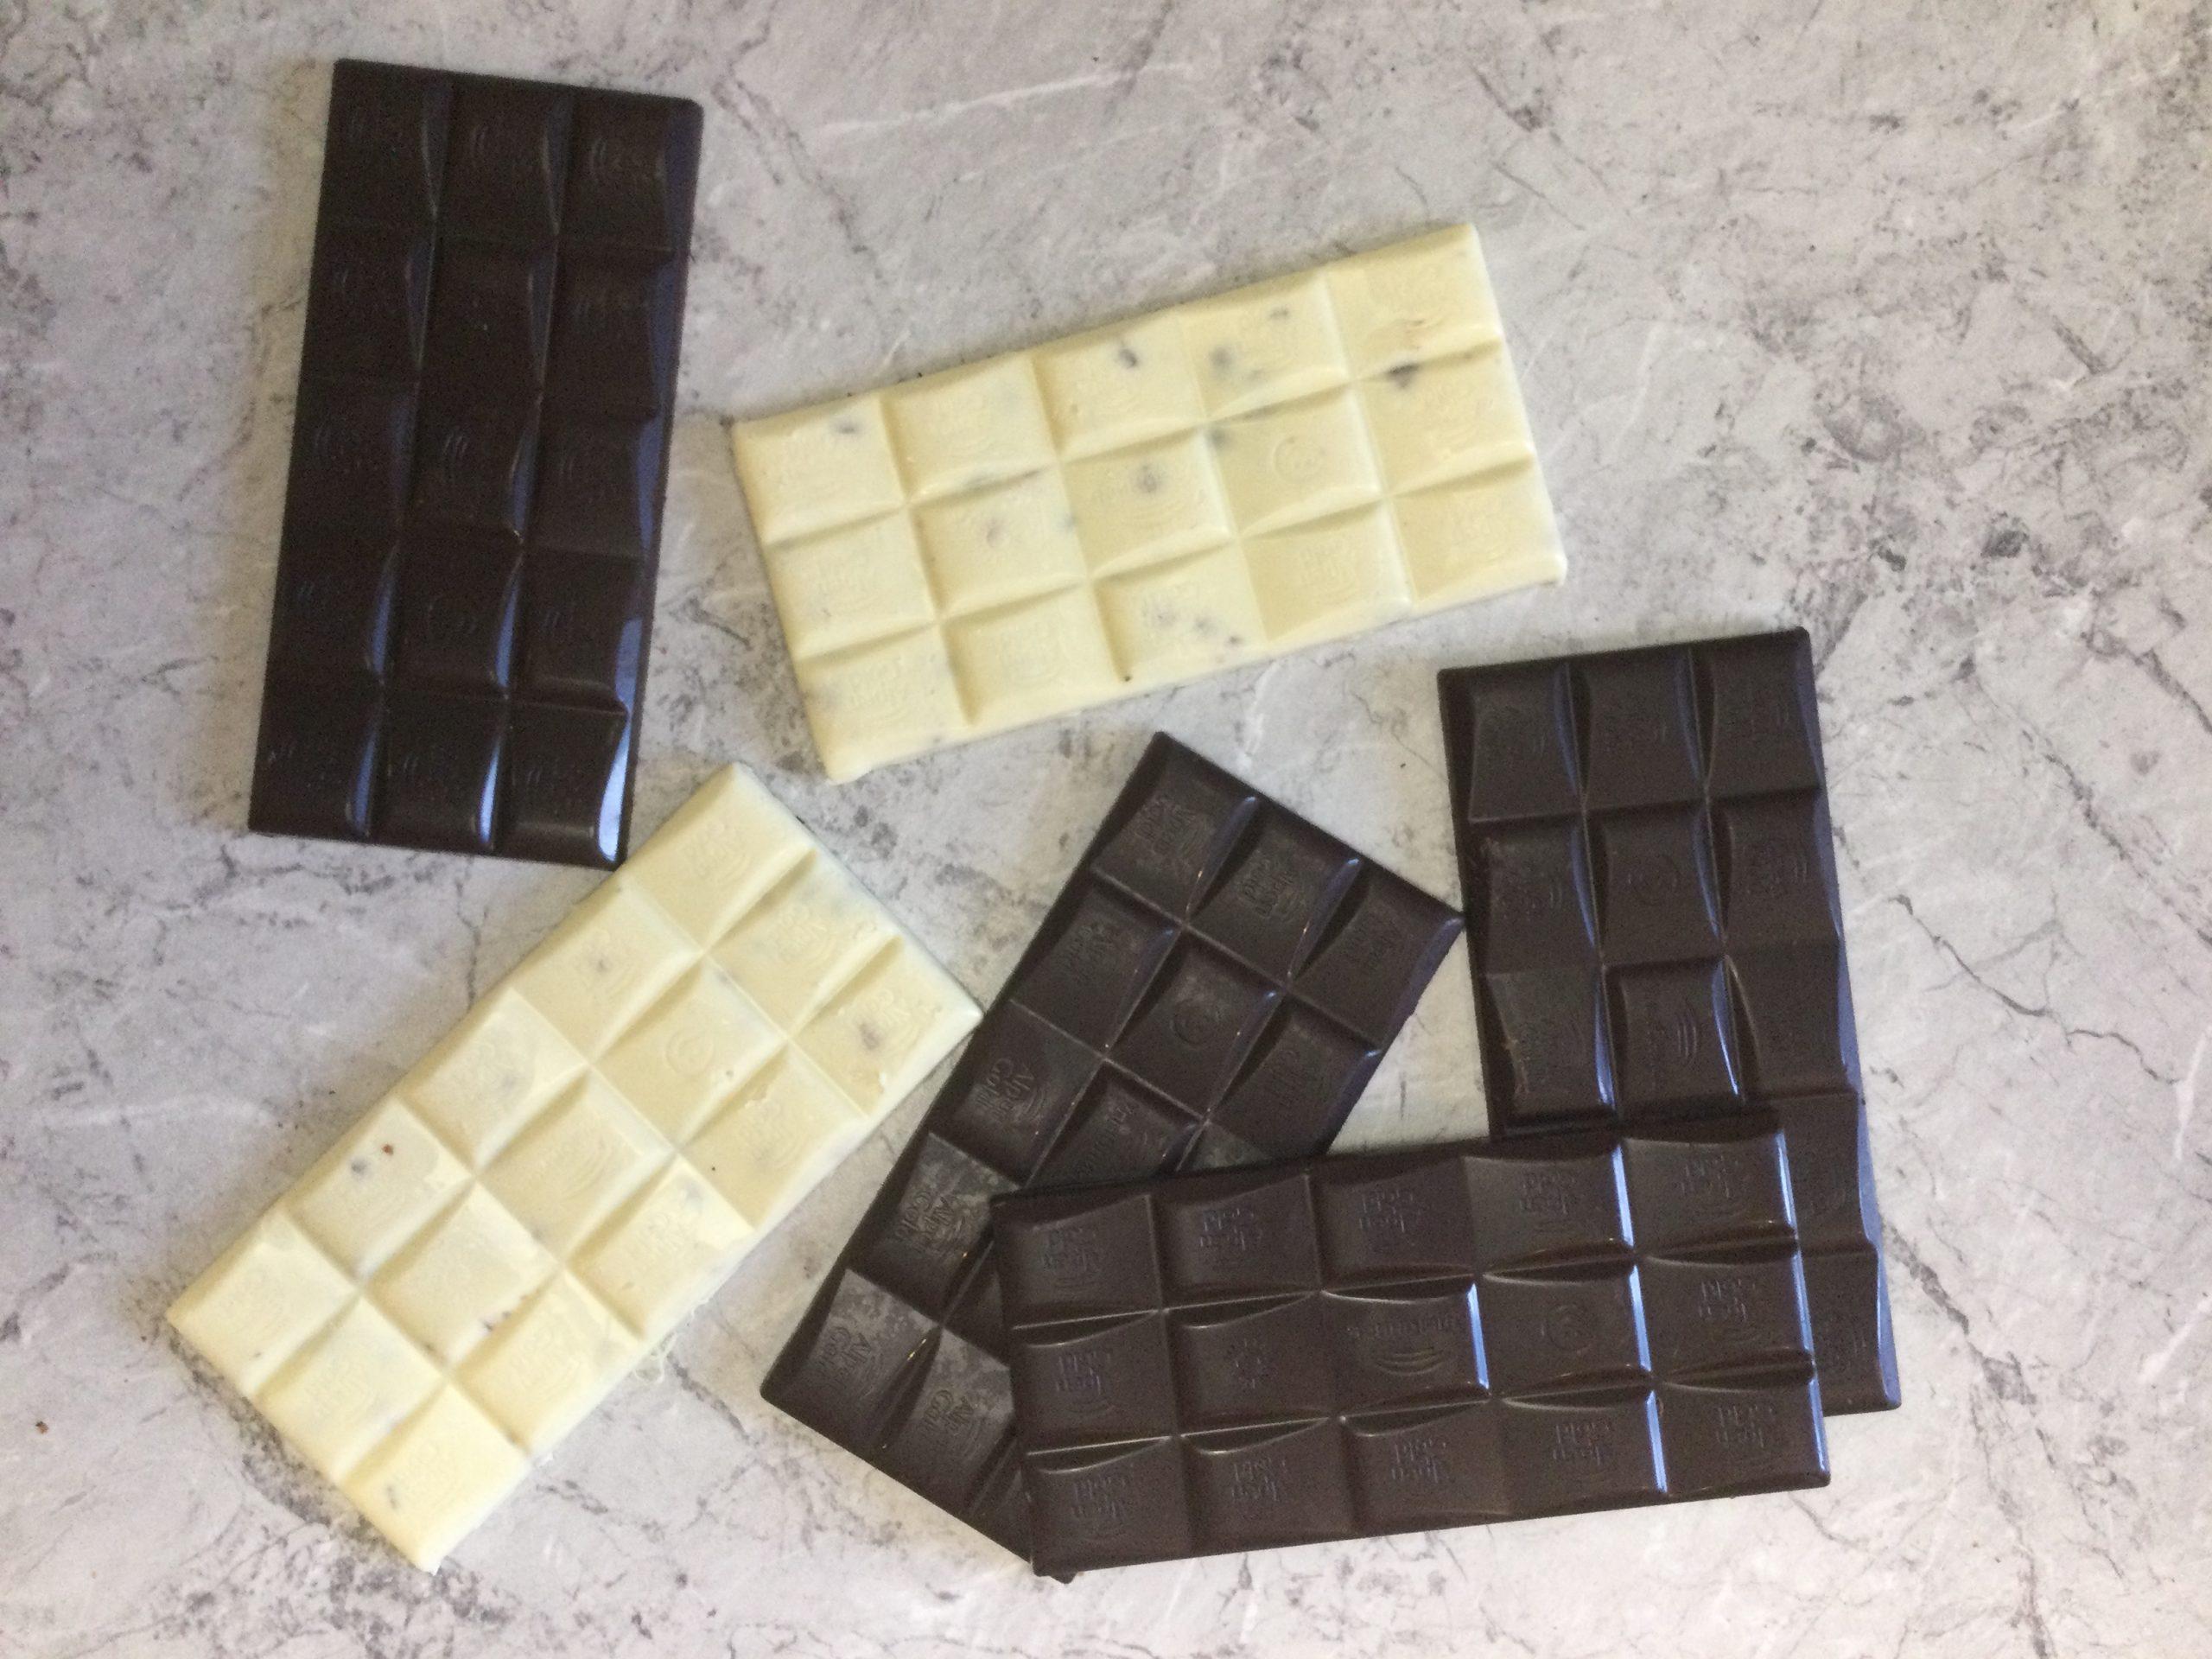 Фото belye i chernye plitki shokolada.